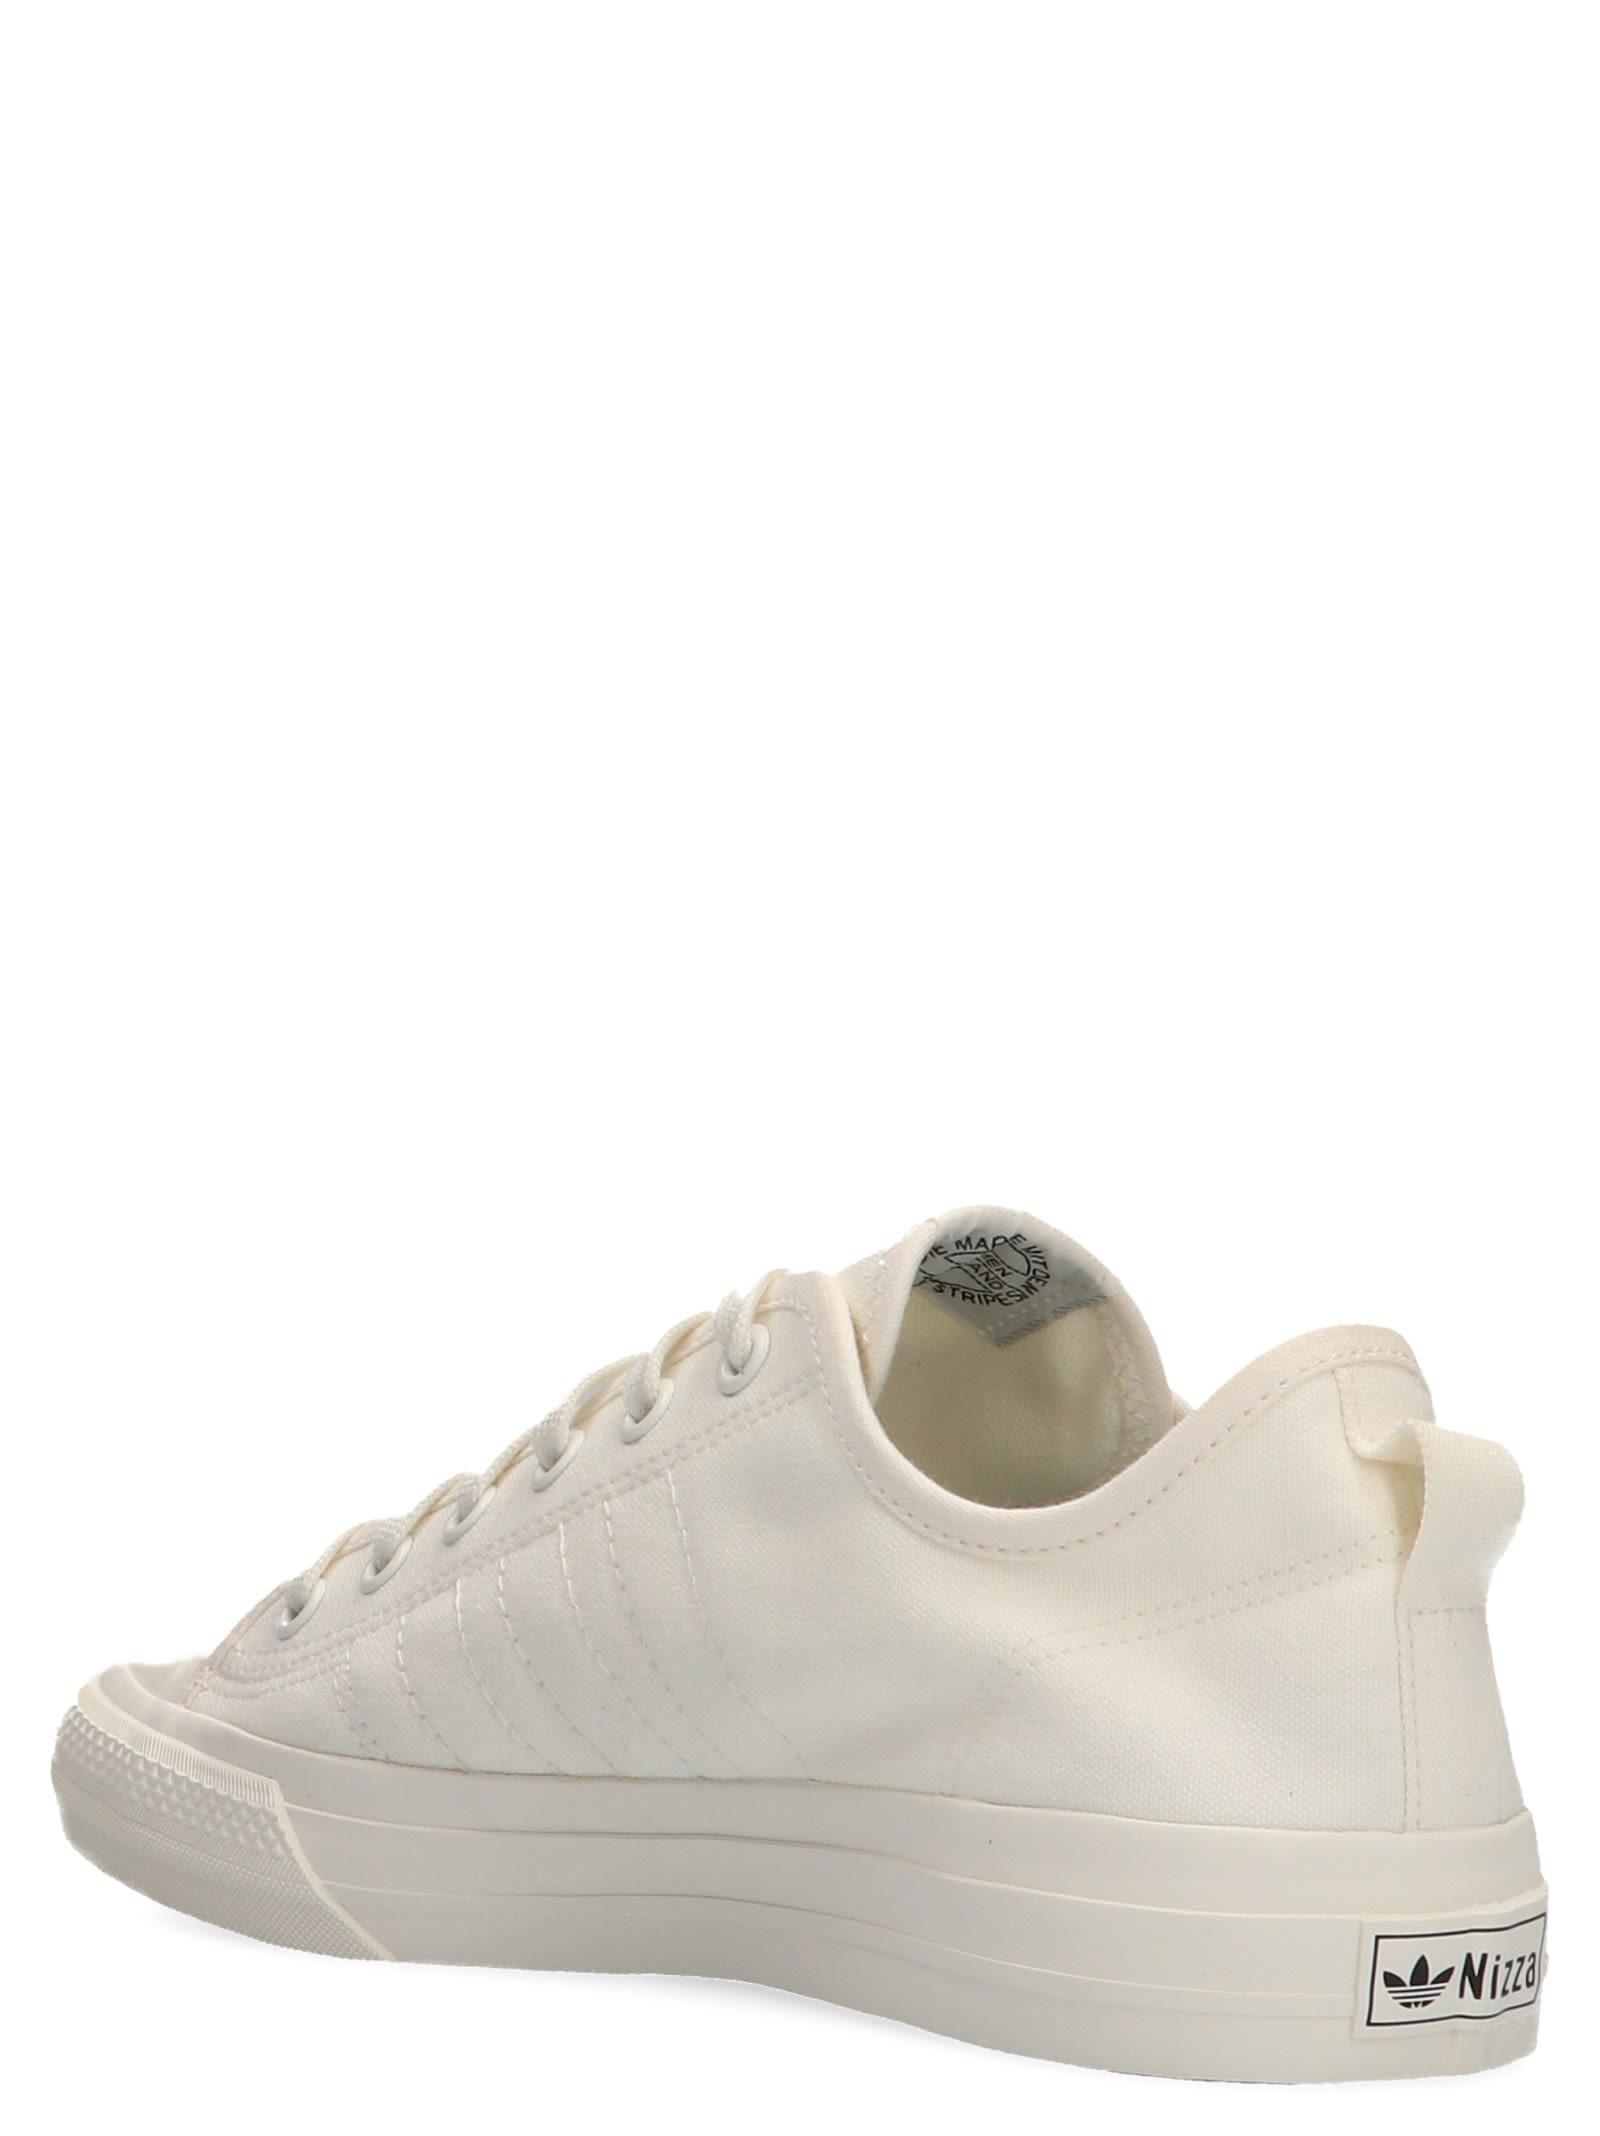 check out 81bf6 fd5e9 ... Adidas Originals  nizza  Shoes - White ...